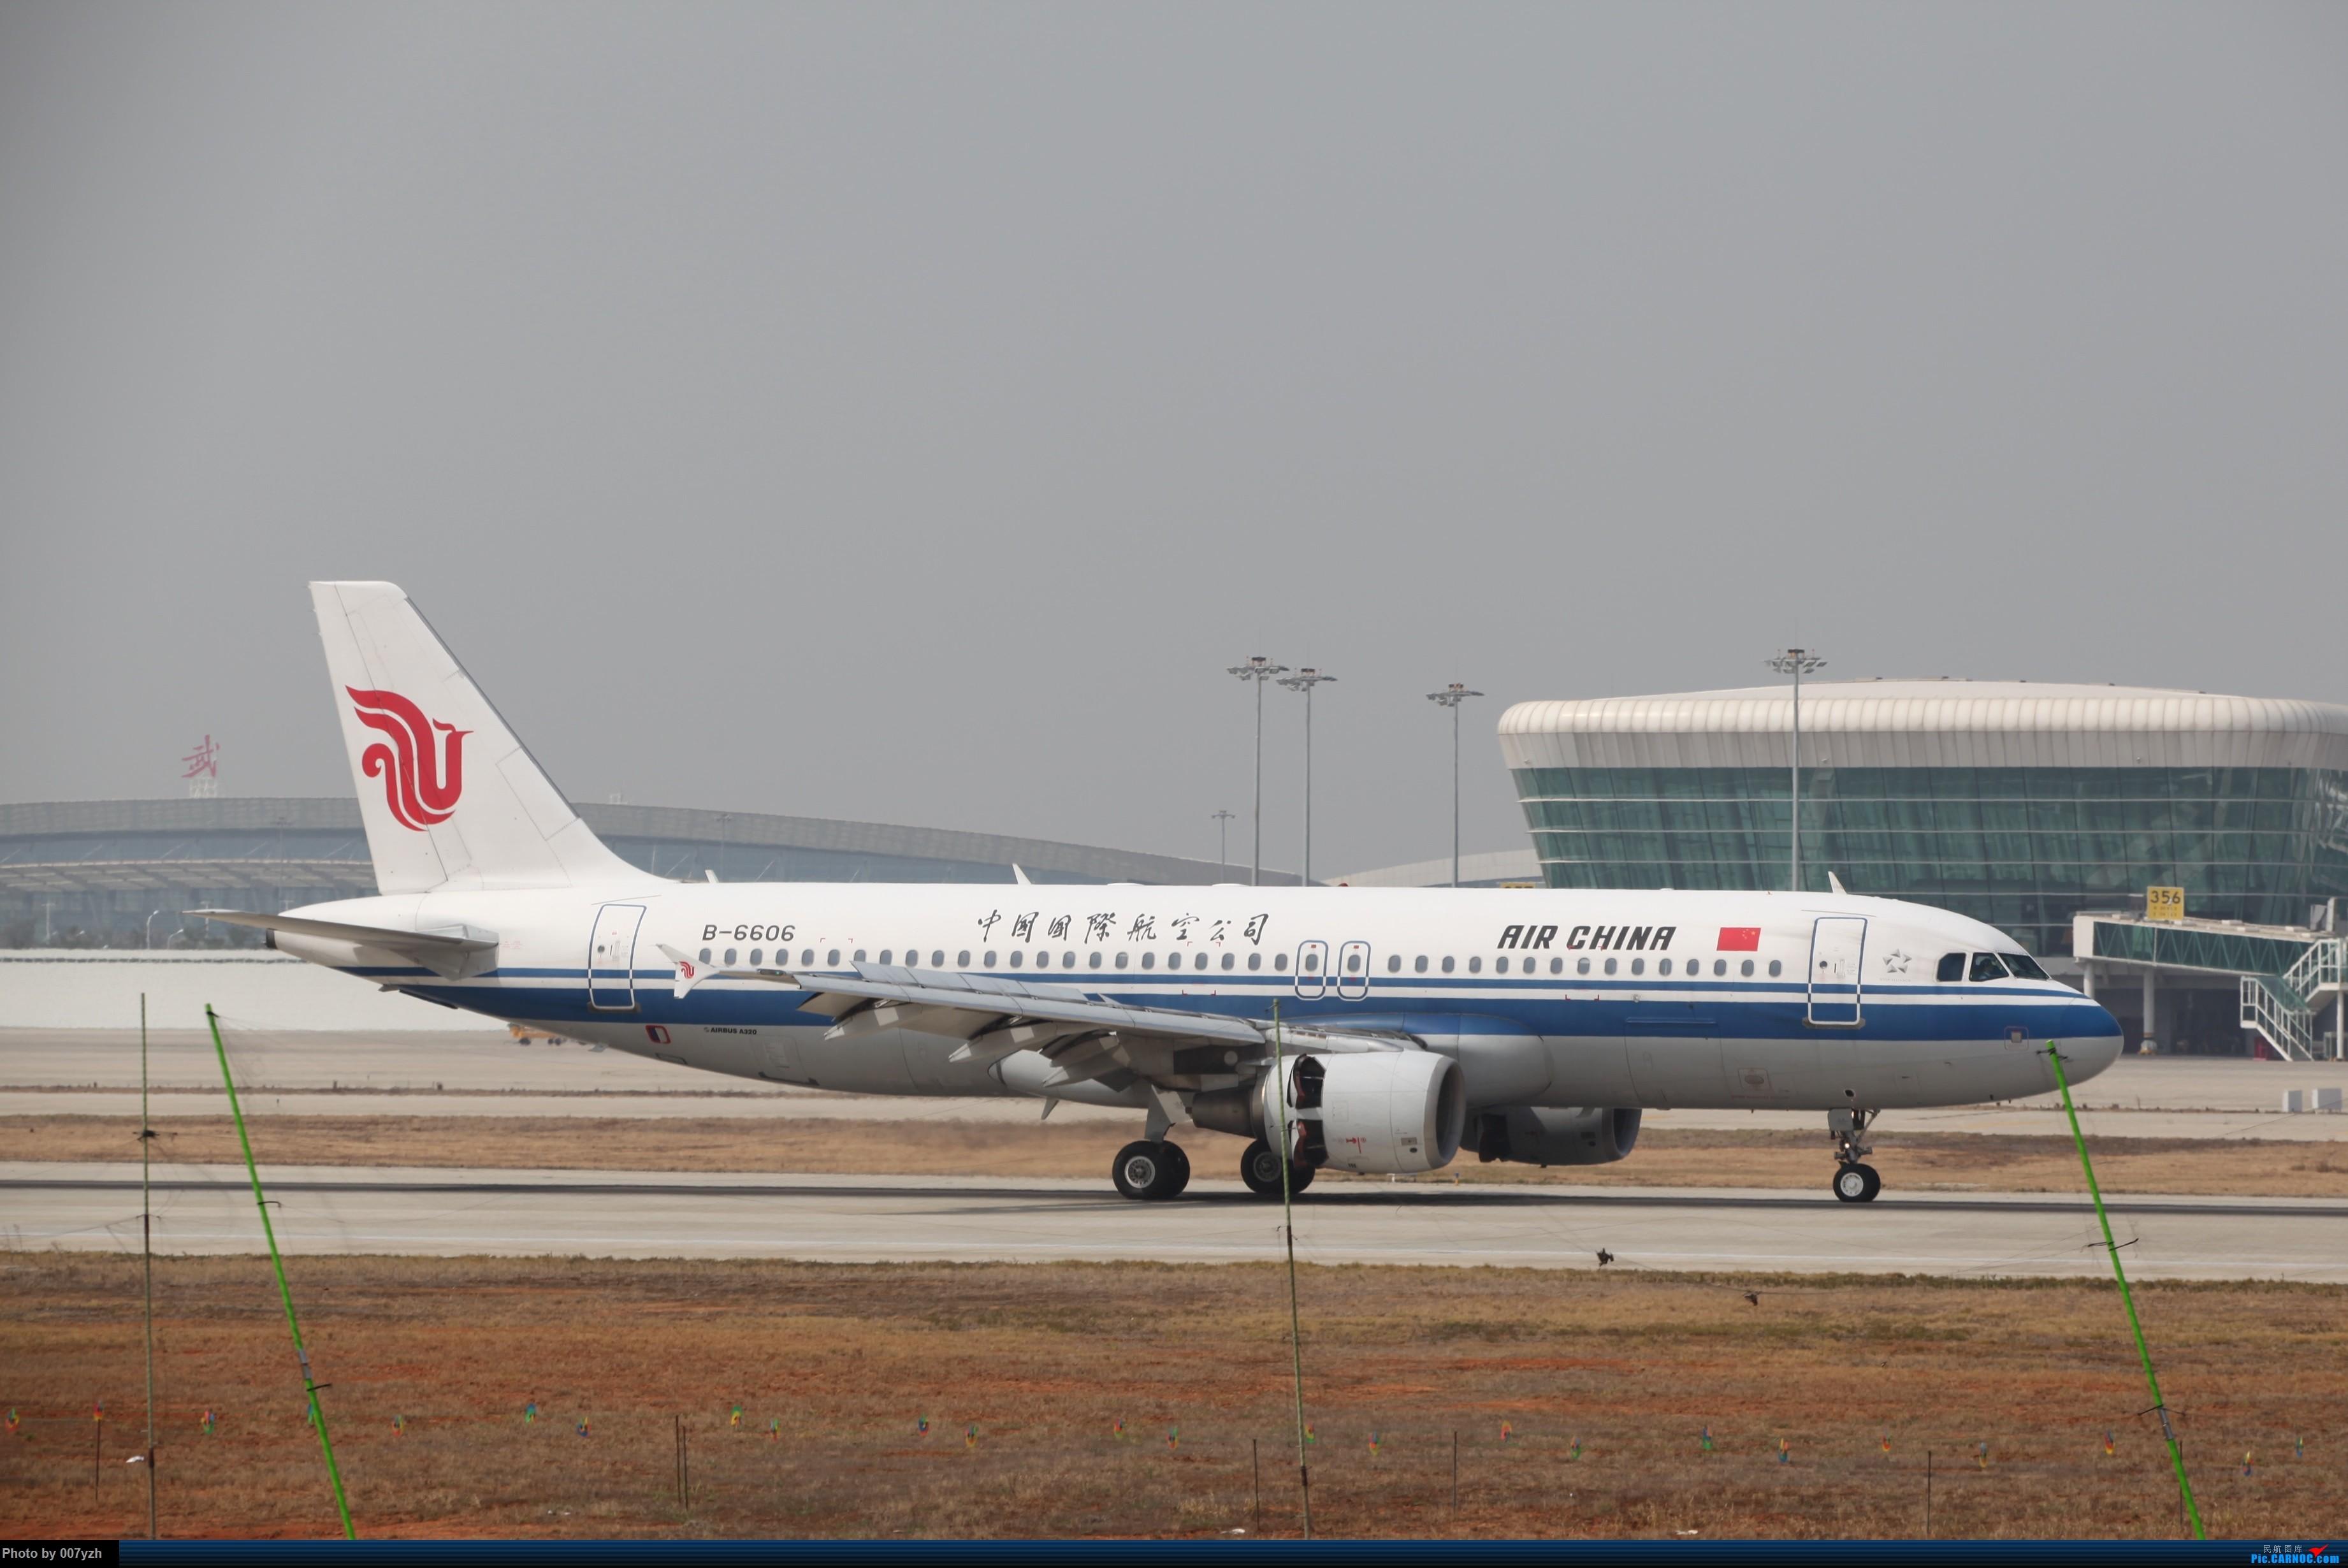 Re:[原创]WUH小拍,终于找到了在WUH拍机的组织 AIRBUS A320-200 B-6606 中国武汉天河国际机场